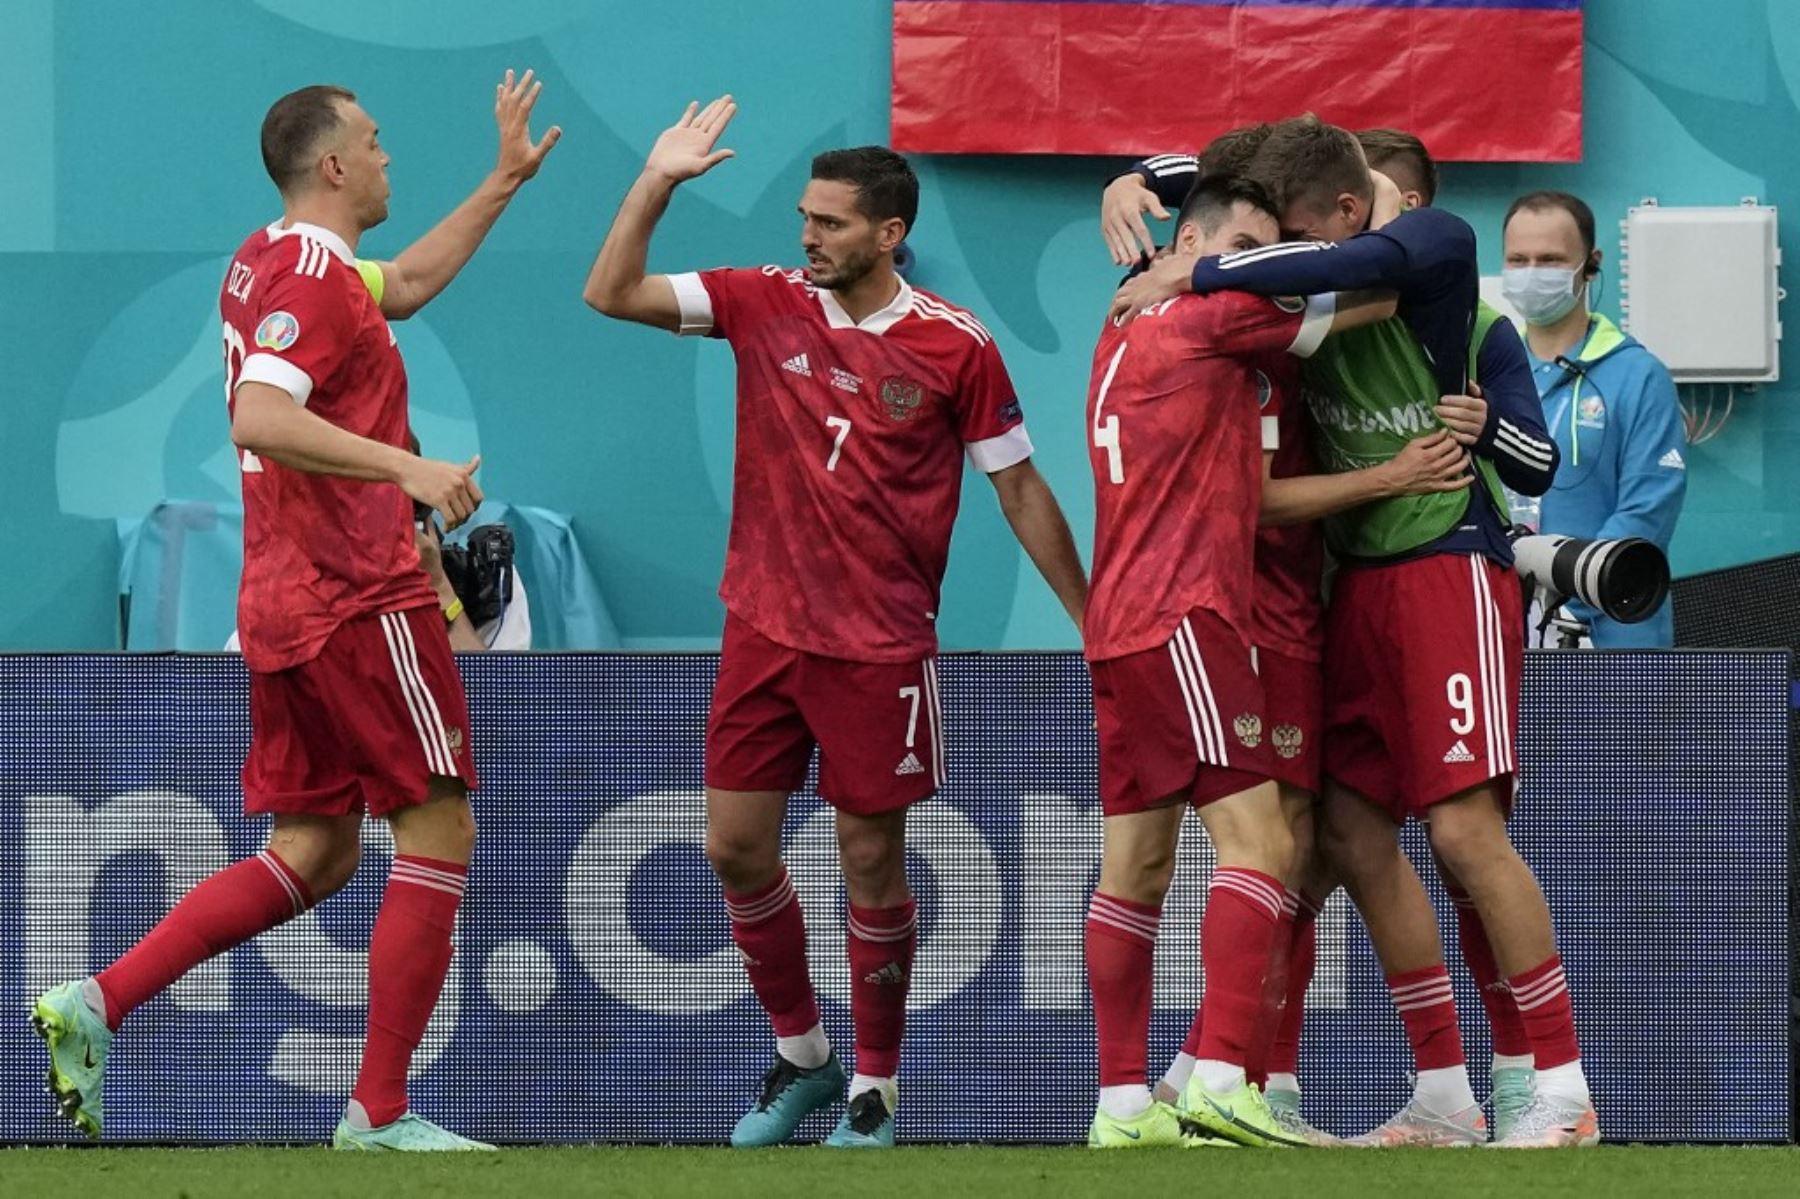 El delantero ruso, Aleksey Miranchuk, celebra el gol de apertura con sus compañeros de equipo durante el partido de fútbol del Grupo B de la UEFA EURO 2020 entre Finlandia y Rusia en el estadio de San Petersburgo en San Petersburgo el 16 de junio de 2021. Foto: AFP